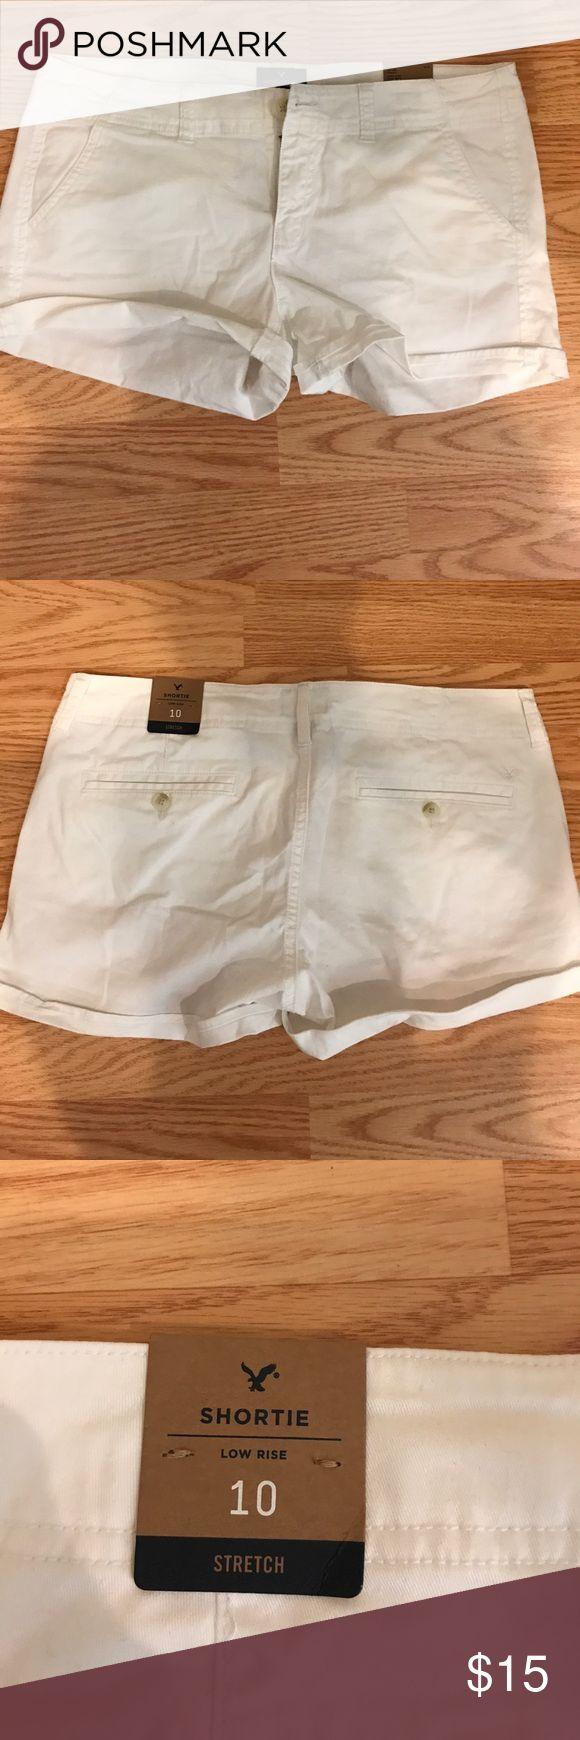 White Cargo cotton shorts American Eagle Outfitters white short Cargo Cotton shorts. Low rise/ Stretch, New with tickets American Eagle Outfitters Shorts Cargos